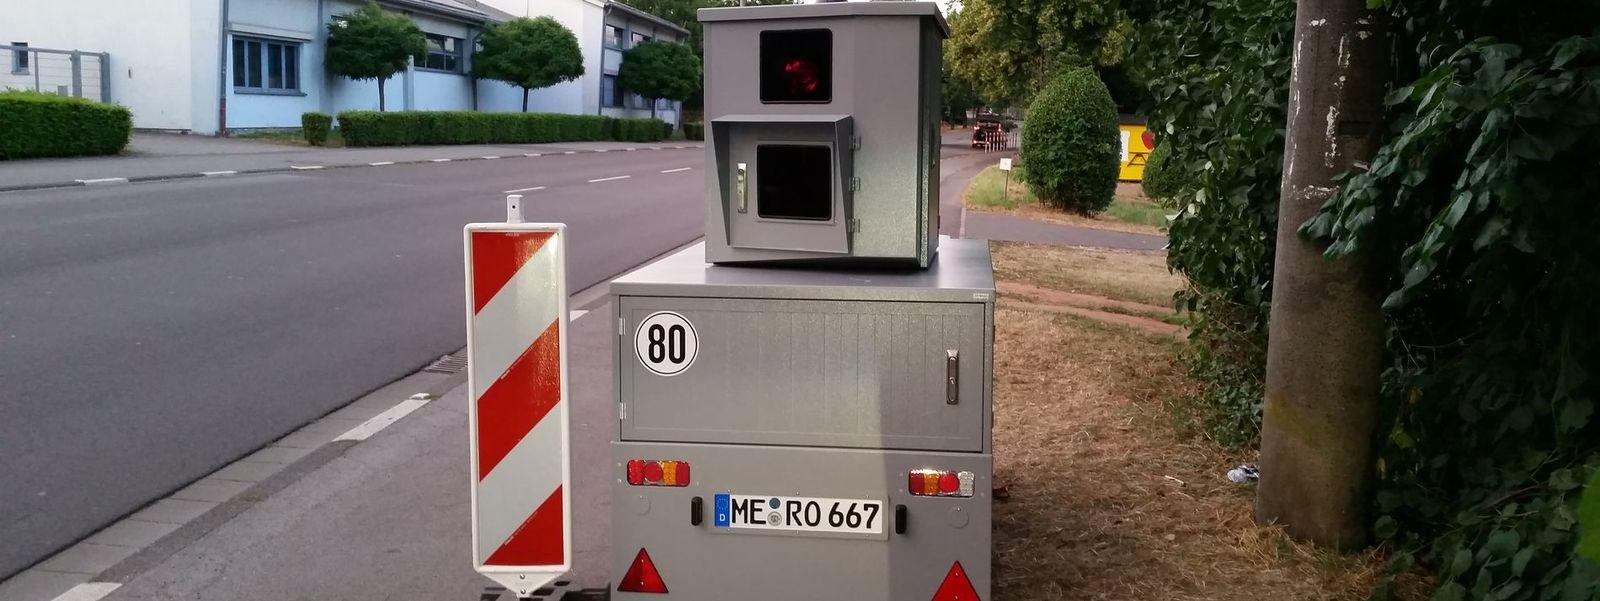 PTB möchte Speicherung von Rohmessdaten bei Geschwindigkeitsmessungen zukünftig unterbinden